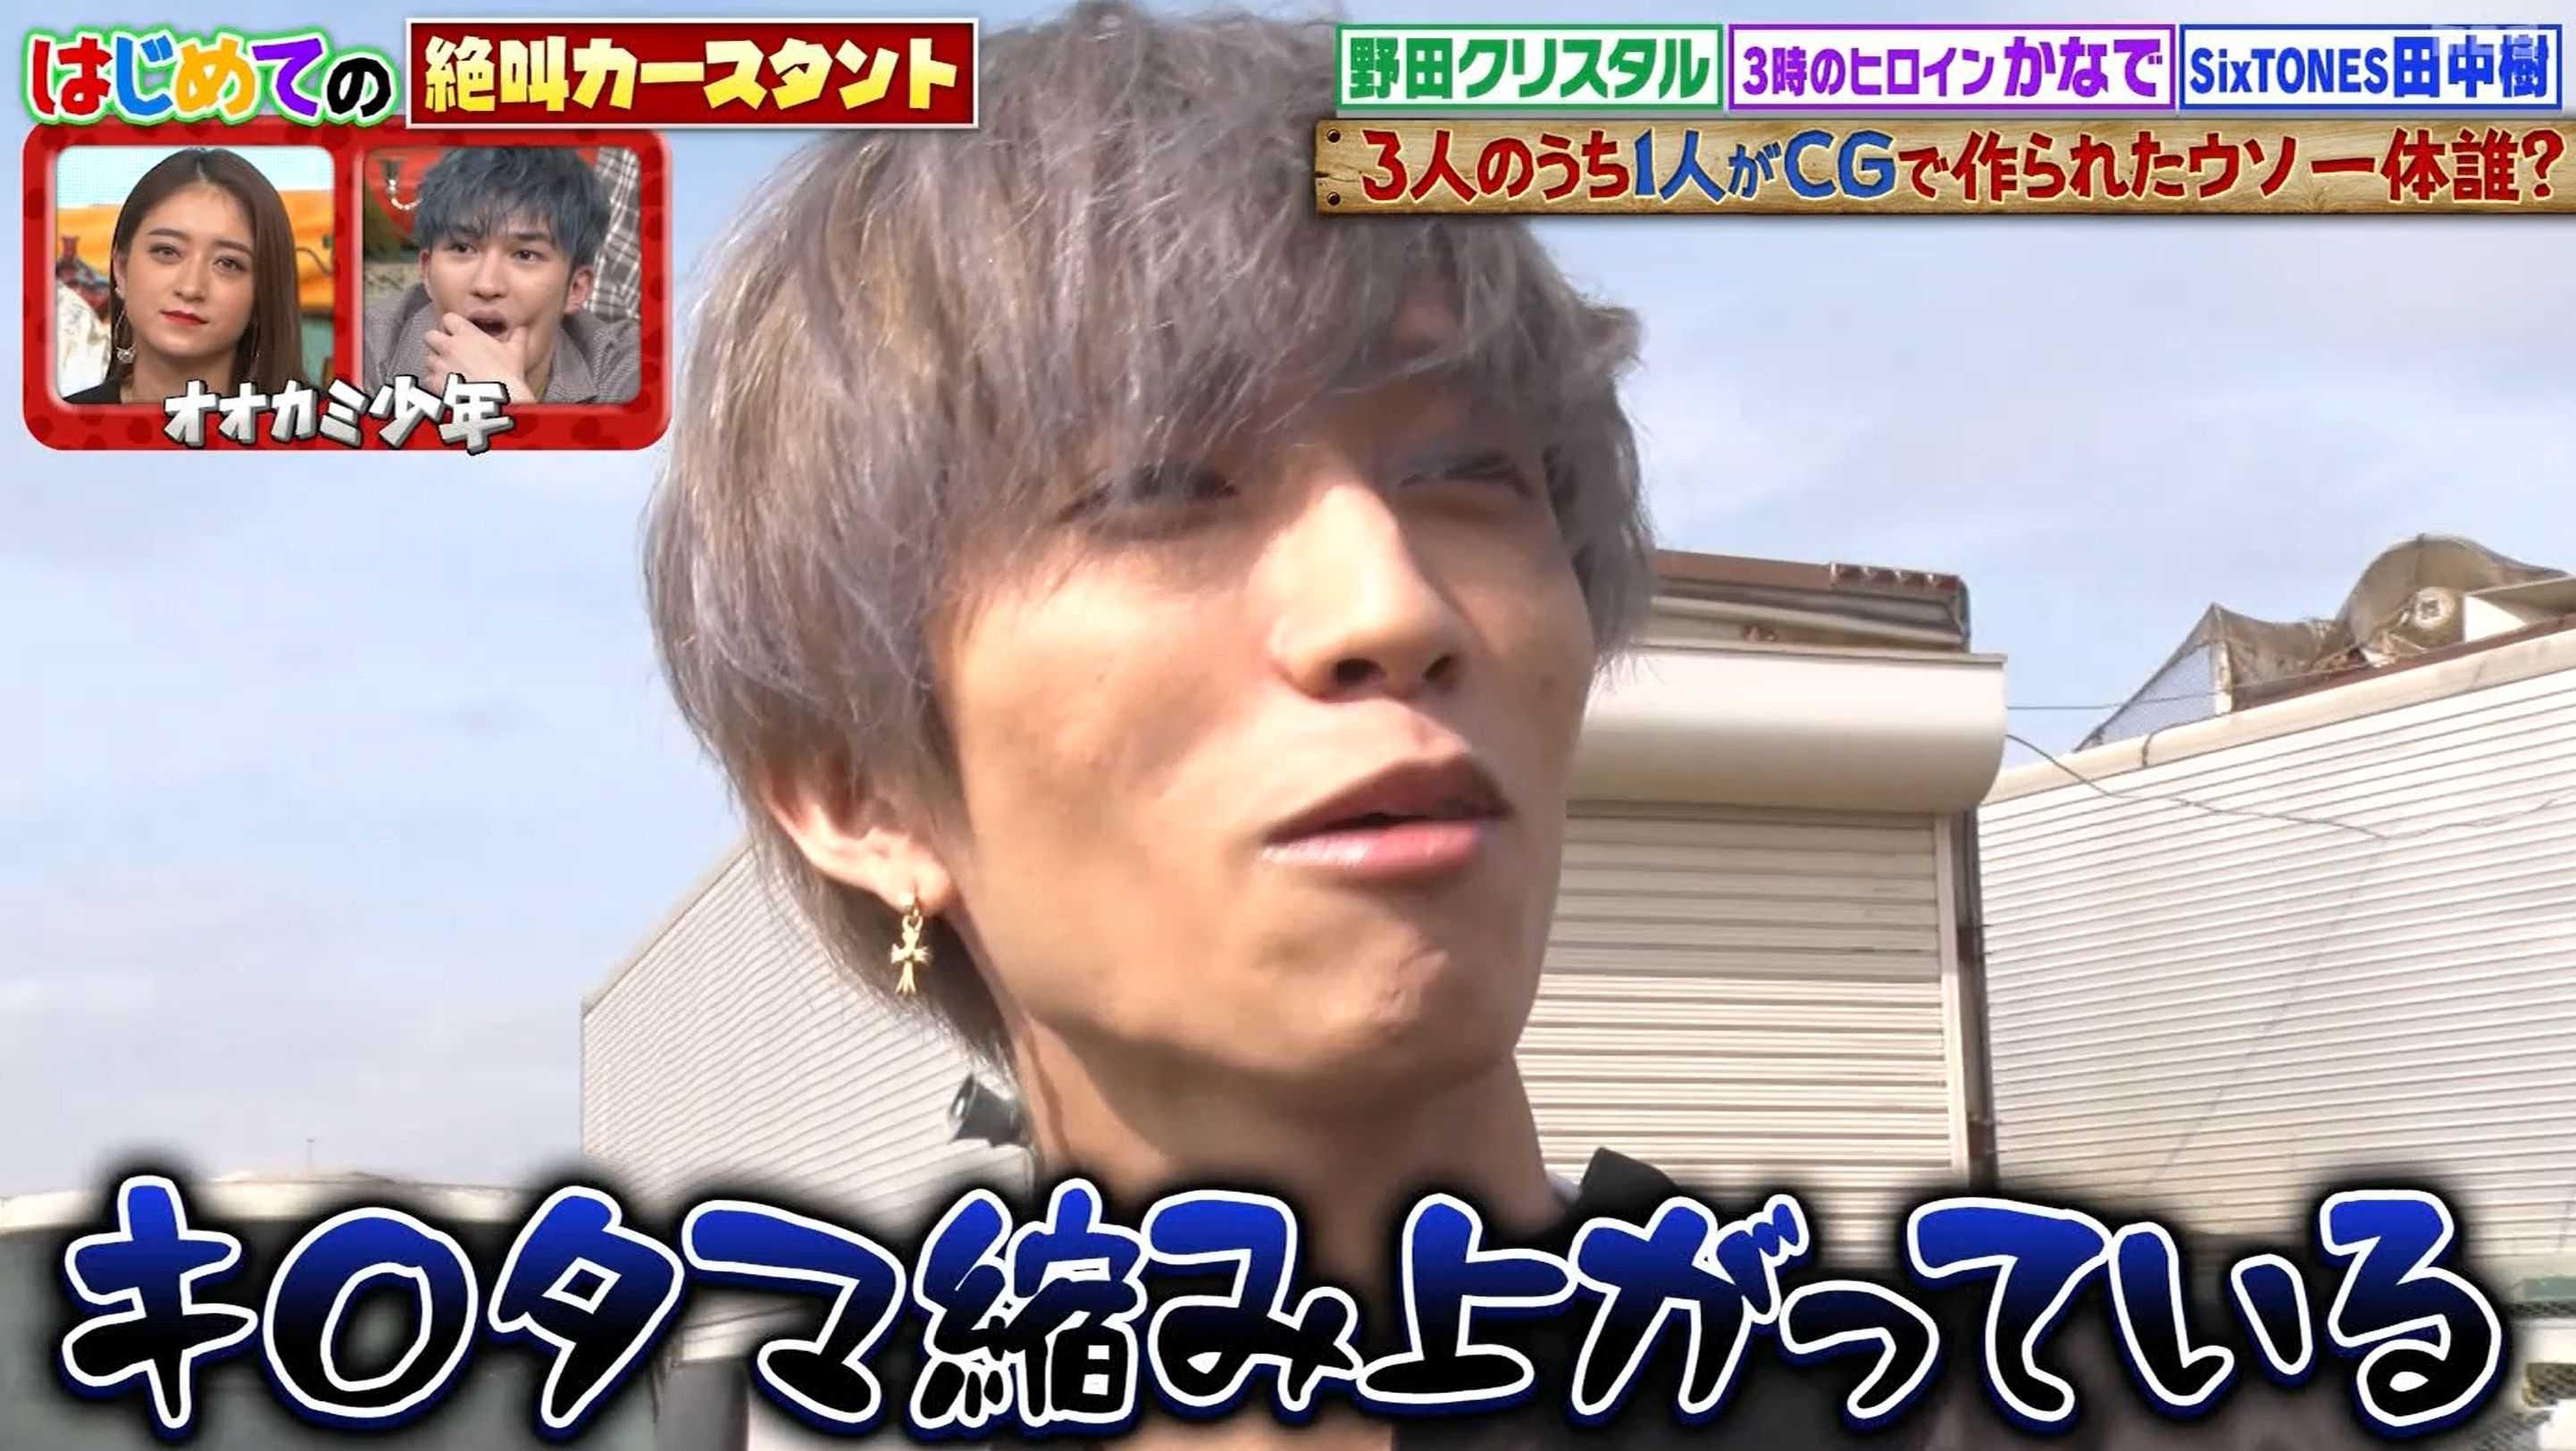 田中 樹 sixtones 「死ぬこと以外NG無いんで」豪語したSixTONES田中樹がライブ前日にまさかの…「滝沢くんとか話してるの?」